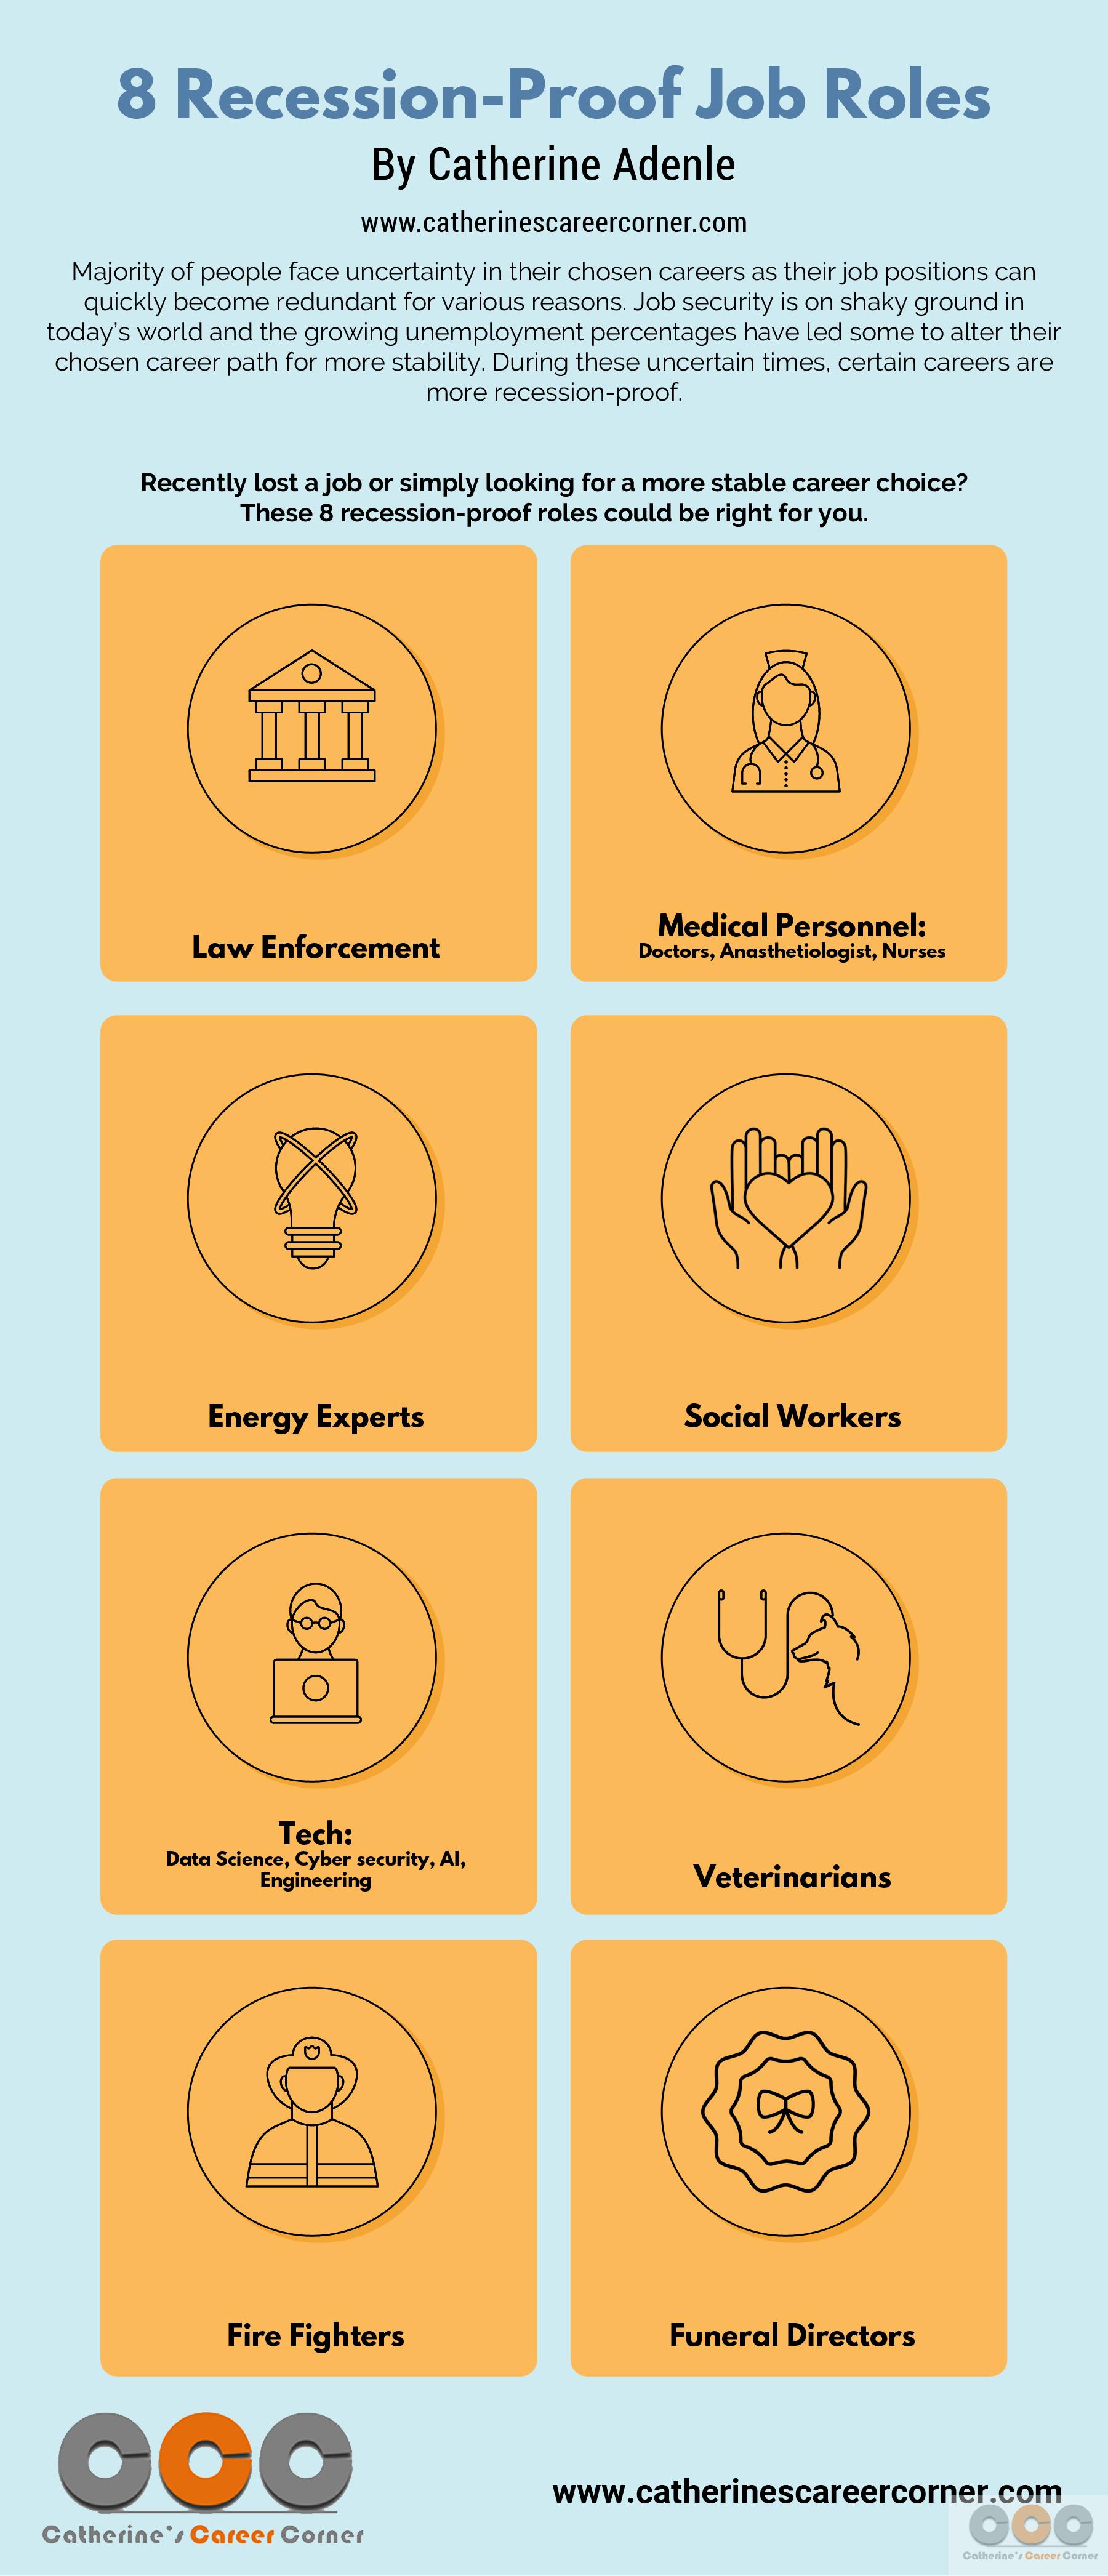 8 Recession-Proof Job Roles